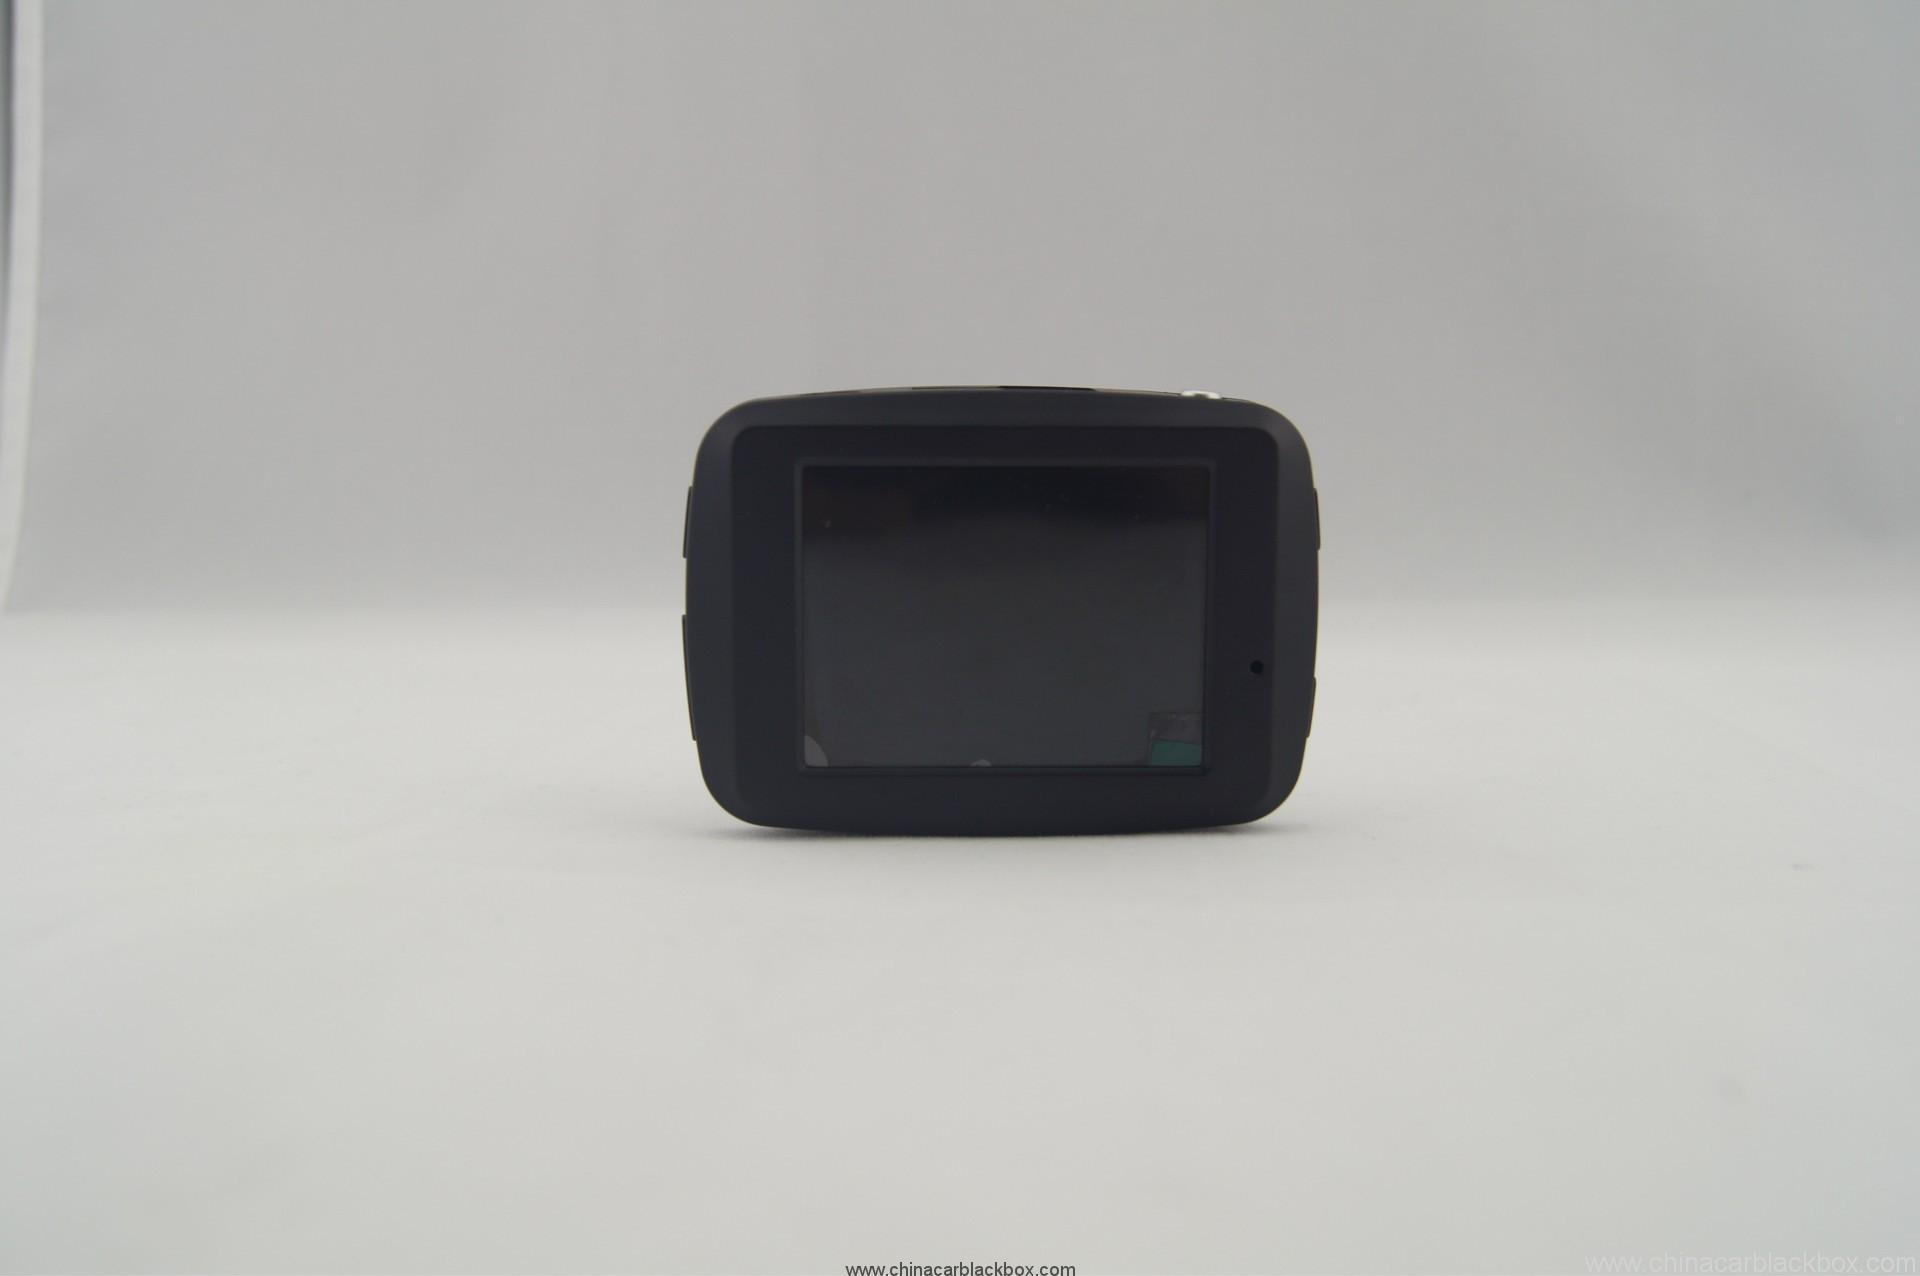 Ultra small size car dvr car black box hd 1080p 2 5 inch for 2 5 box auto